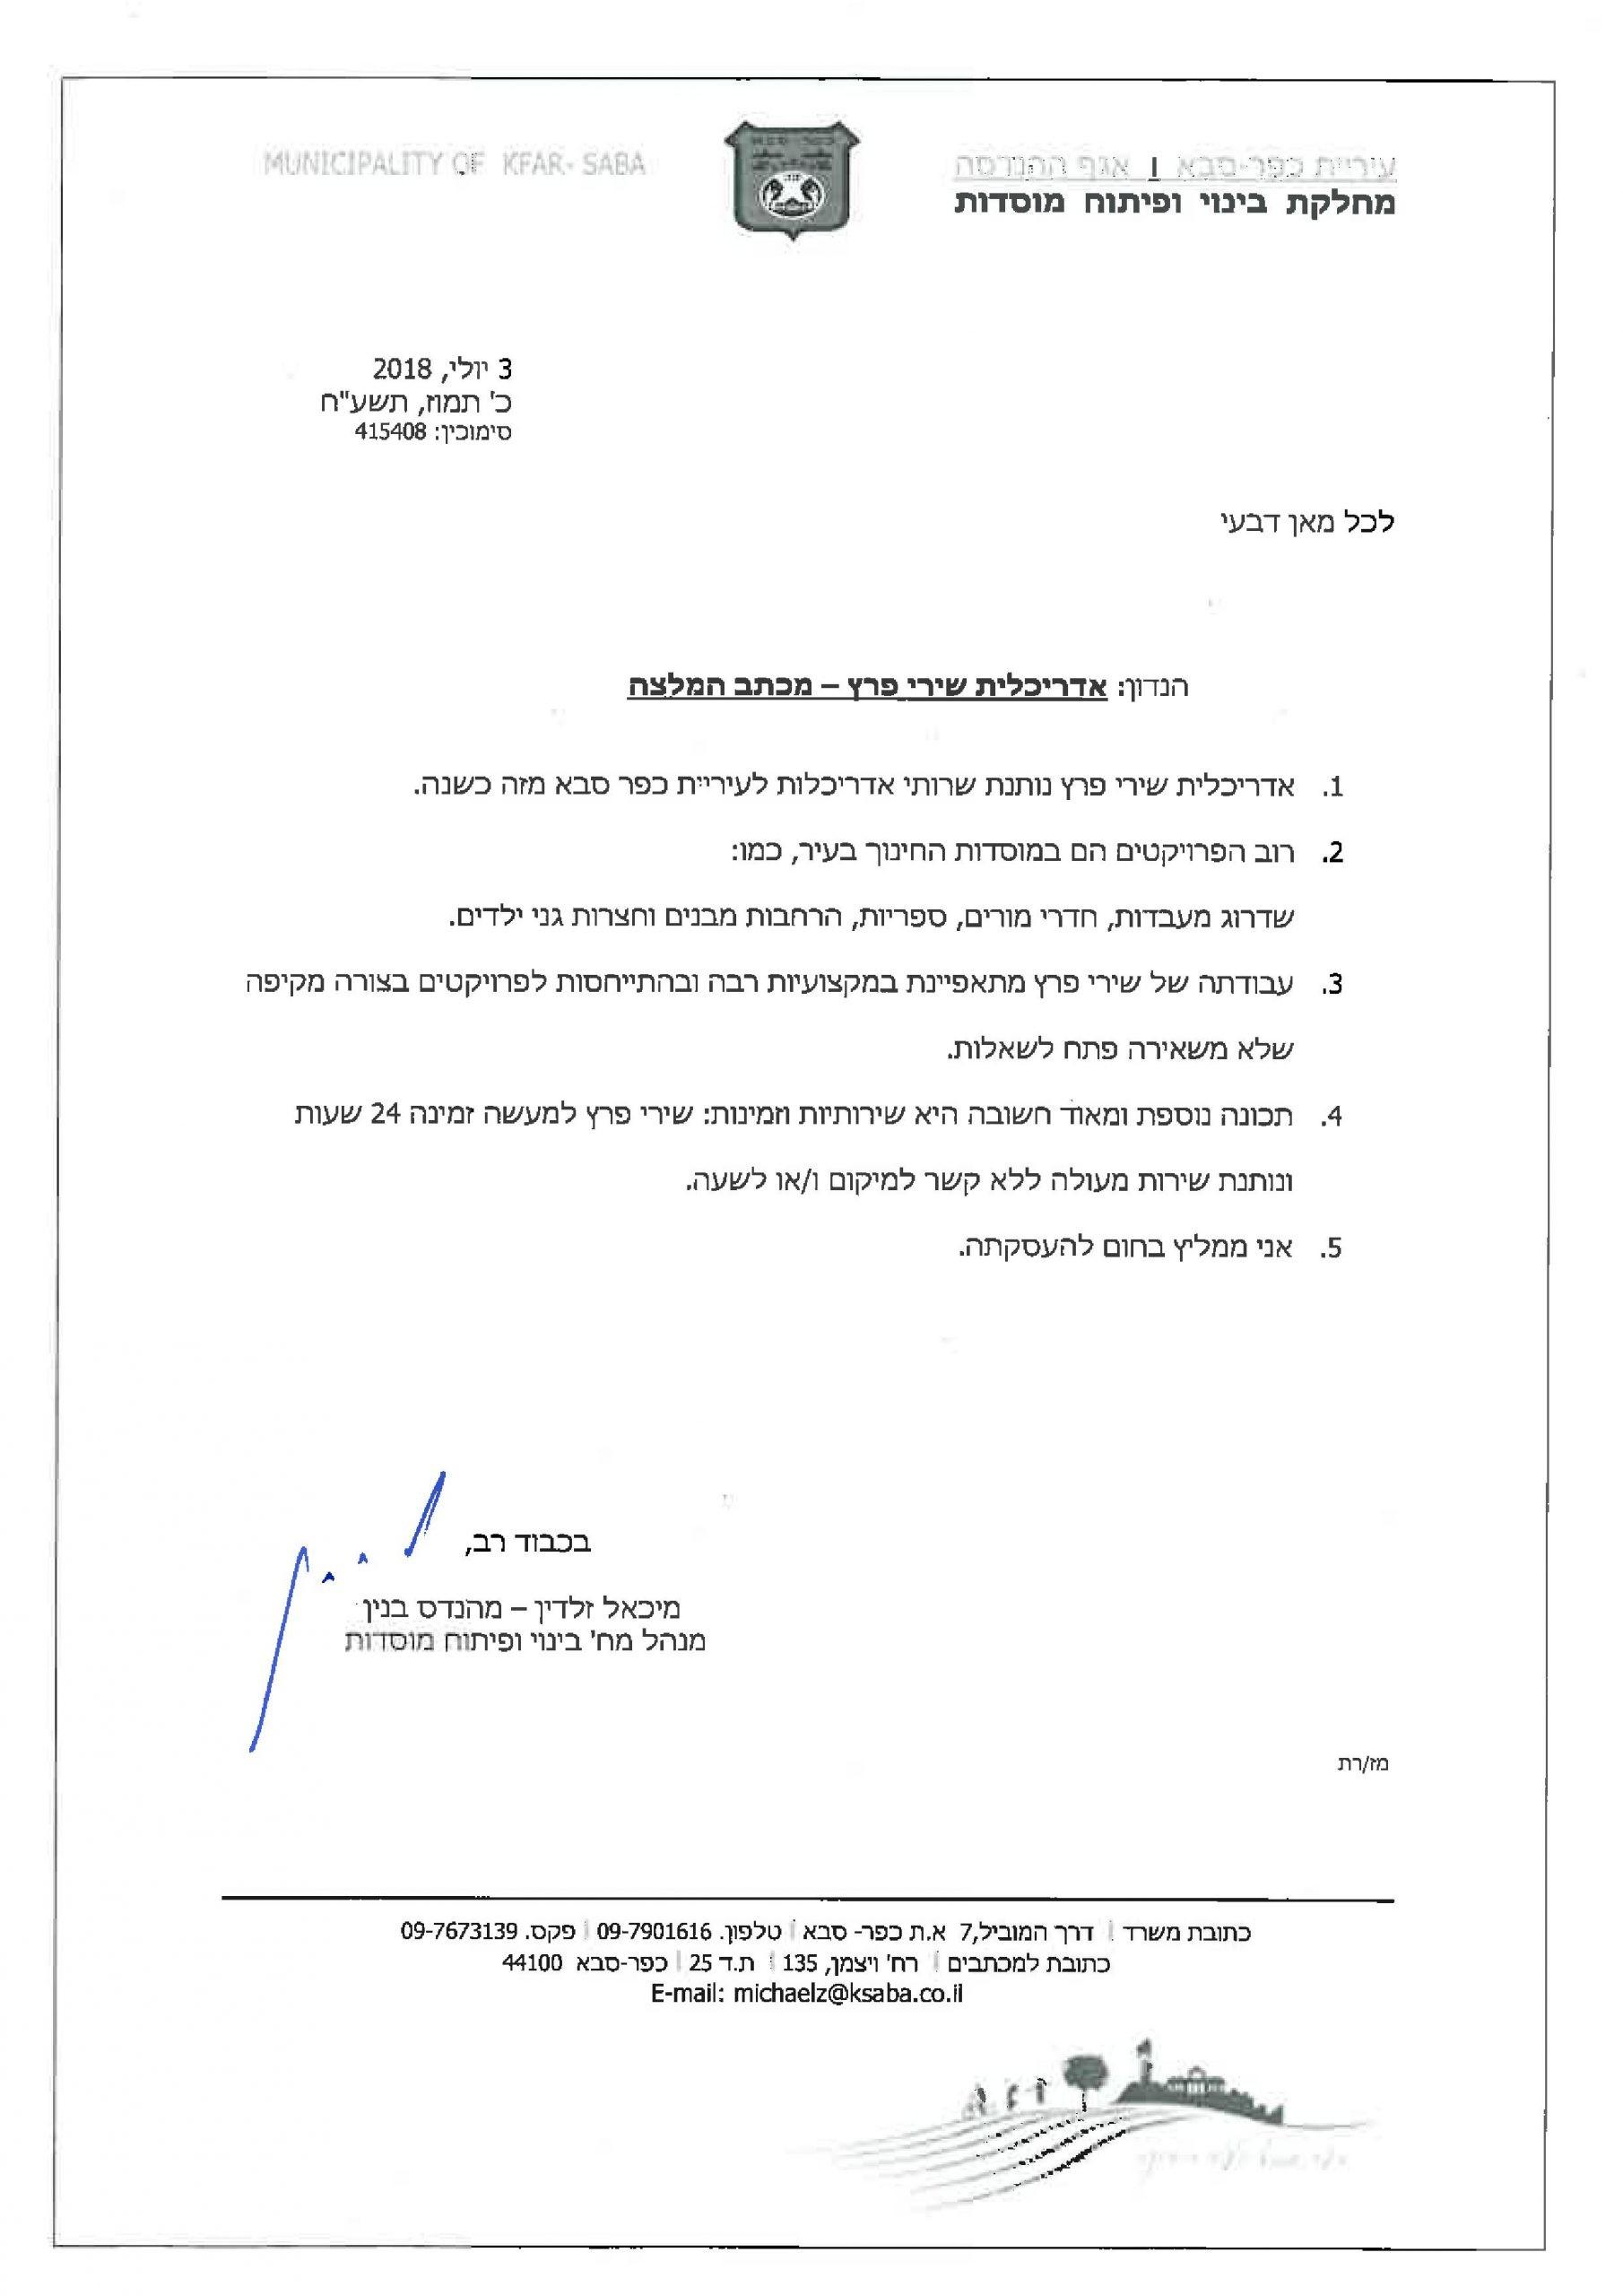 מכתב המלצה - מיכאל זלדין